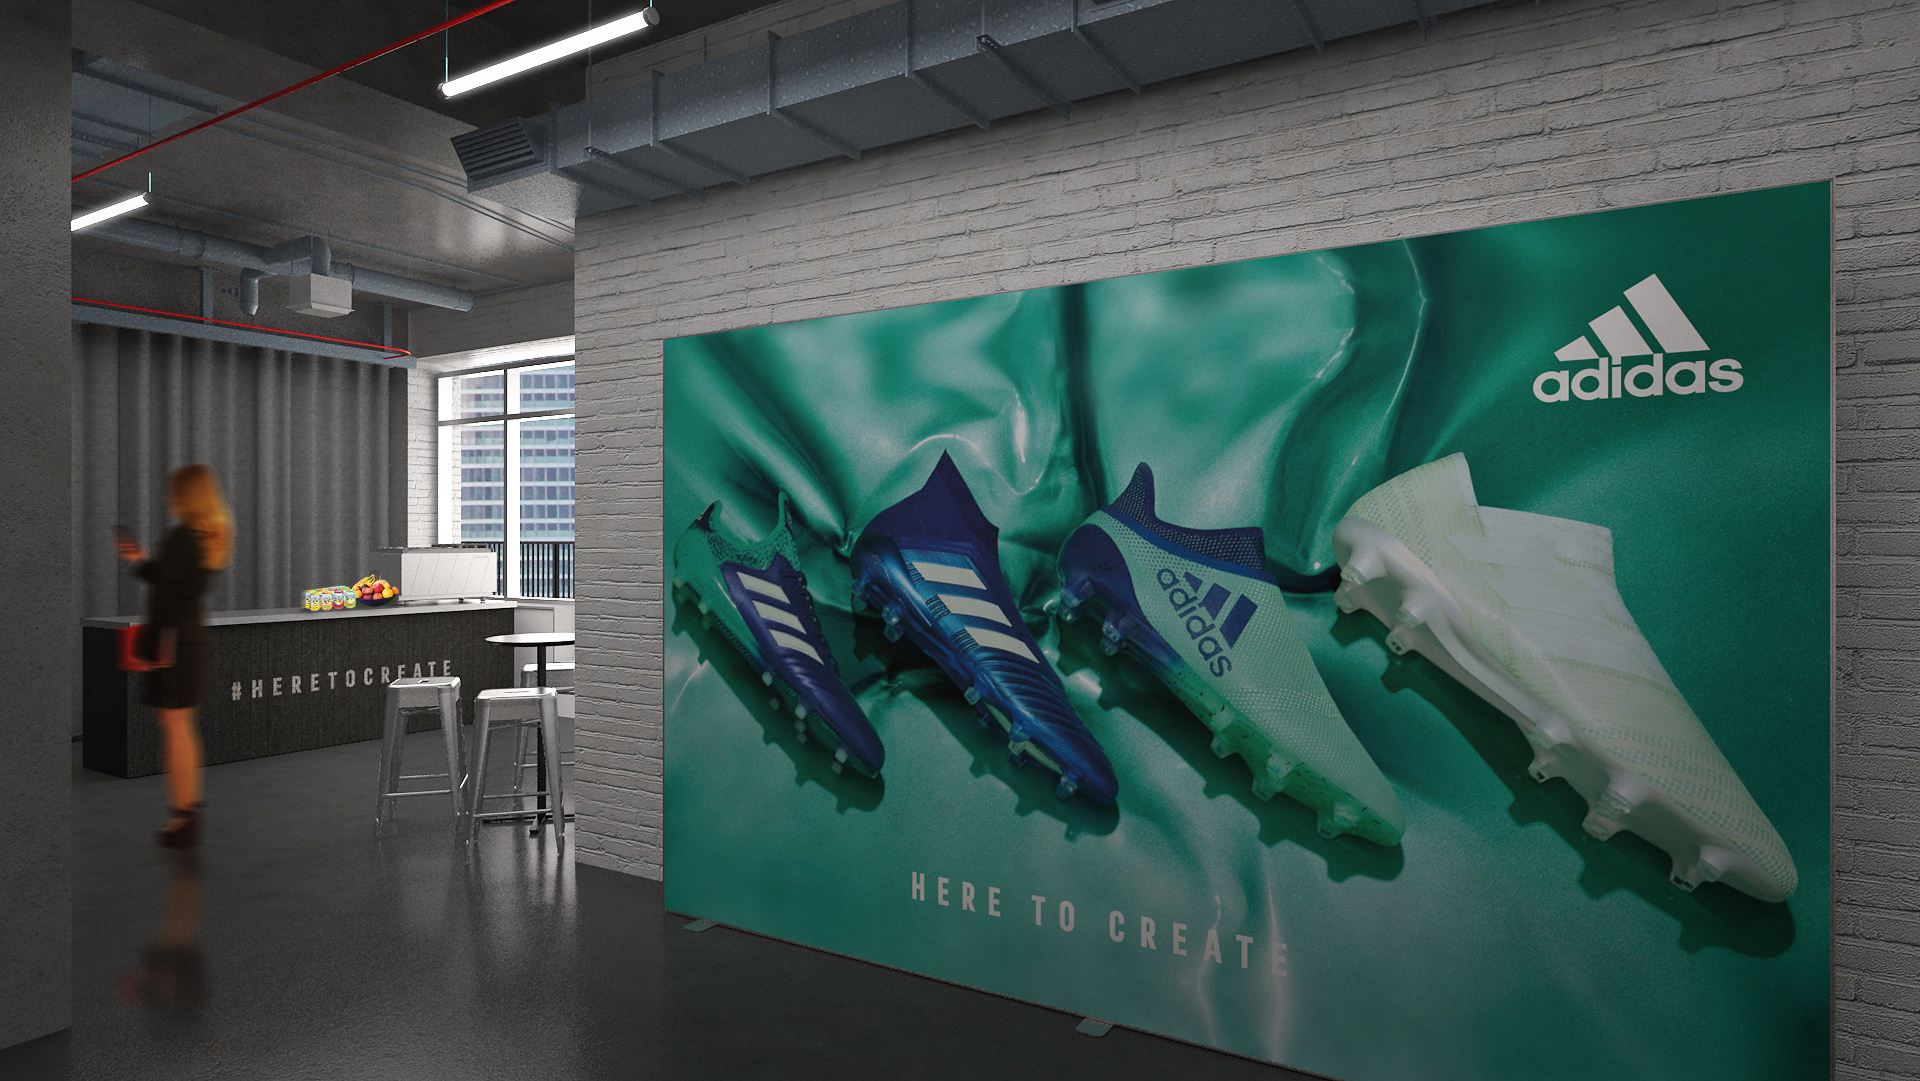 Adidas_FedorivHub_Render 02_people.jpg